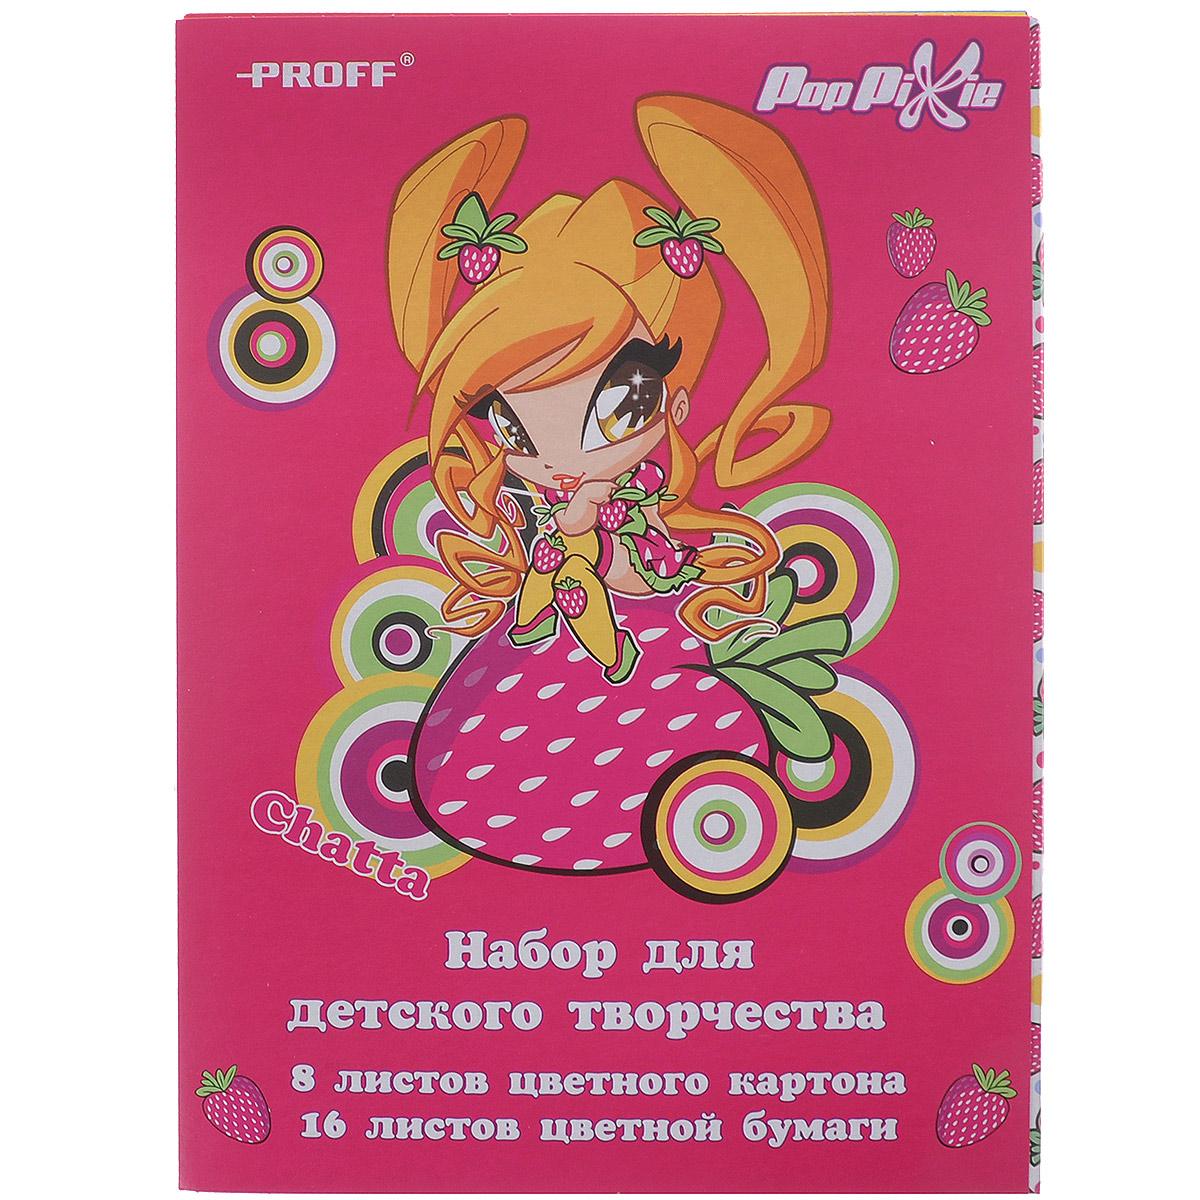 Набор для детского творчества Proff PopPixie05312Набор для детского творчества Proff PopPixie содержит 8 листов цветного мелованного картона и 16 листов цветной бумаги следующих цветов: желтого, красного, коричневого, малинового, оранжевого, зеленого, черного, синего, белого.Создание поделок из цветной бумаги и картона - это увлекательнейший процесс, способствующий развитию у ребенка фантазии и творческого мышления. Набор упакован в картонную папку с цветным изображением прекрасной Пикси-Чатты.